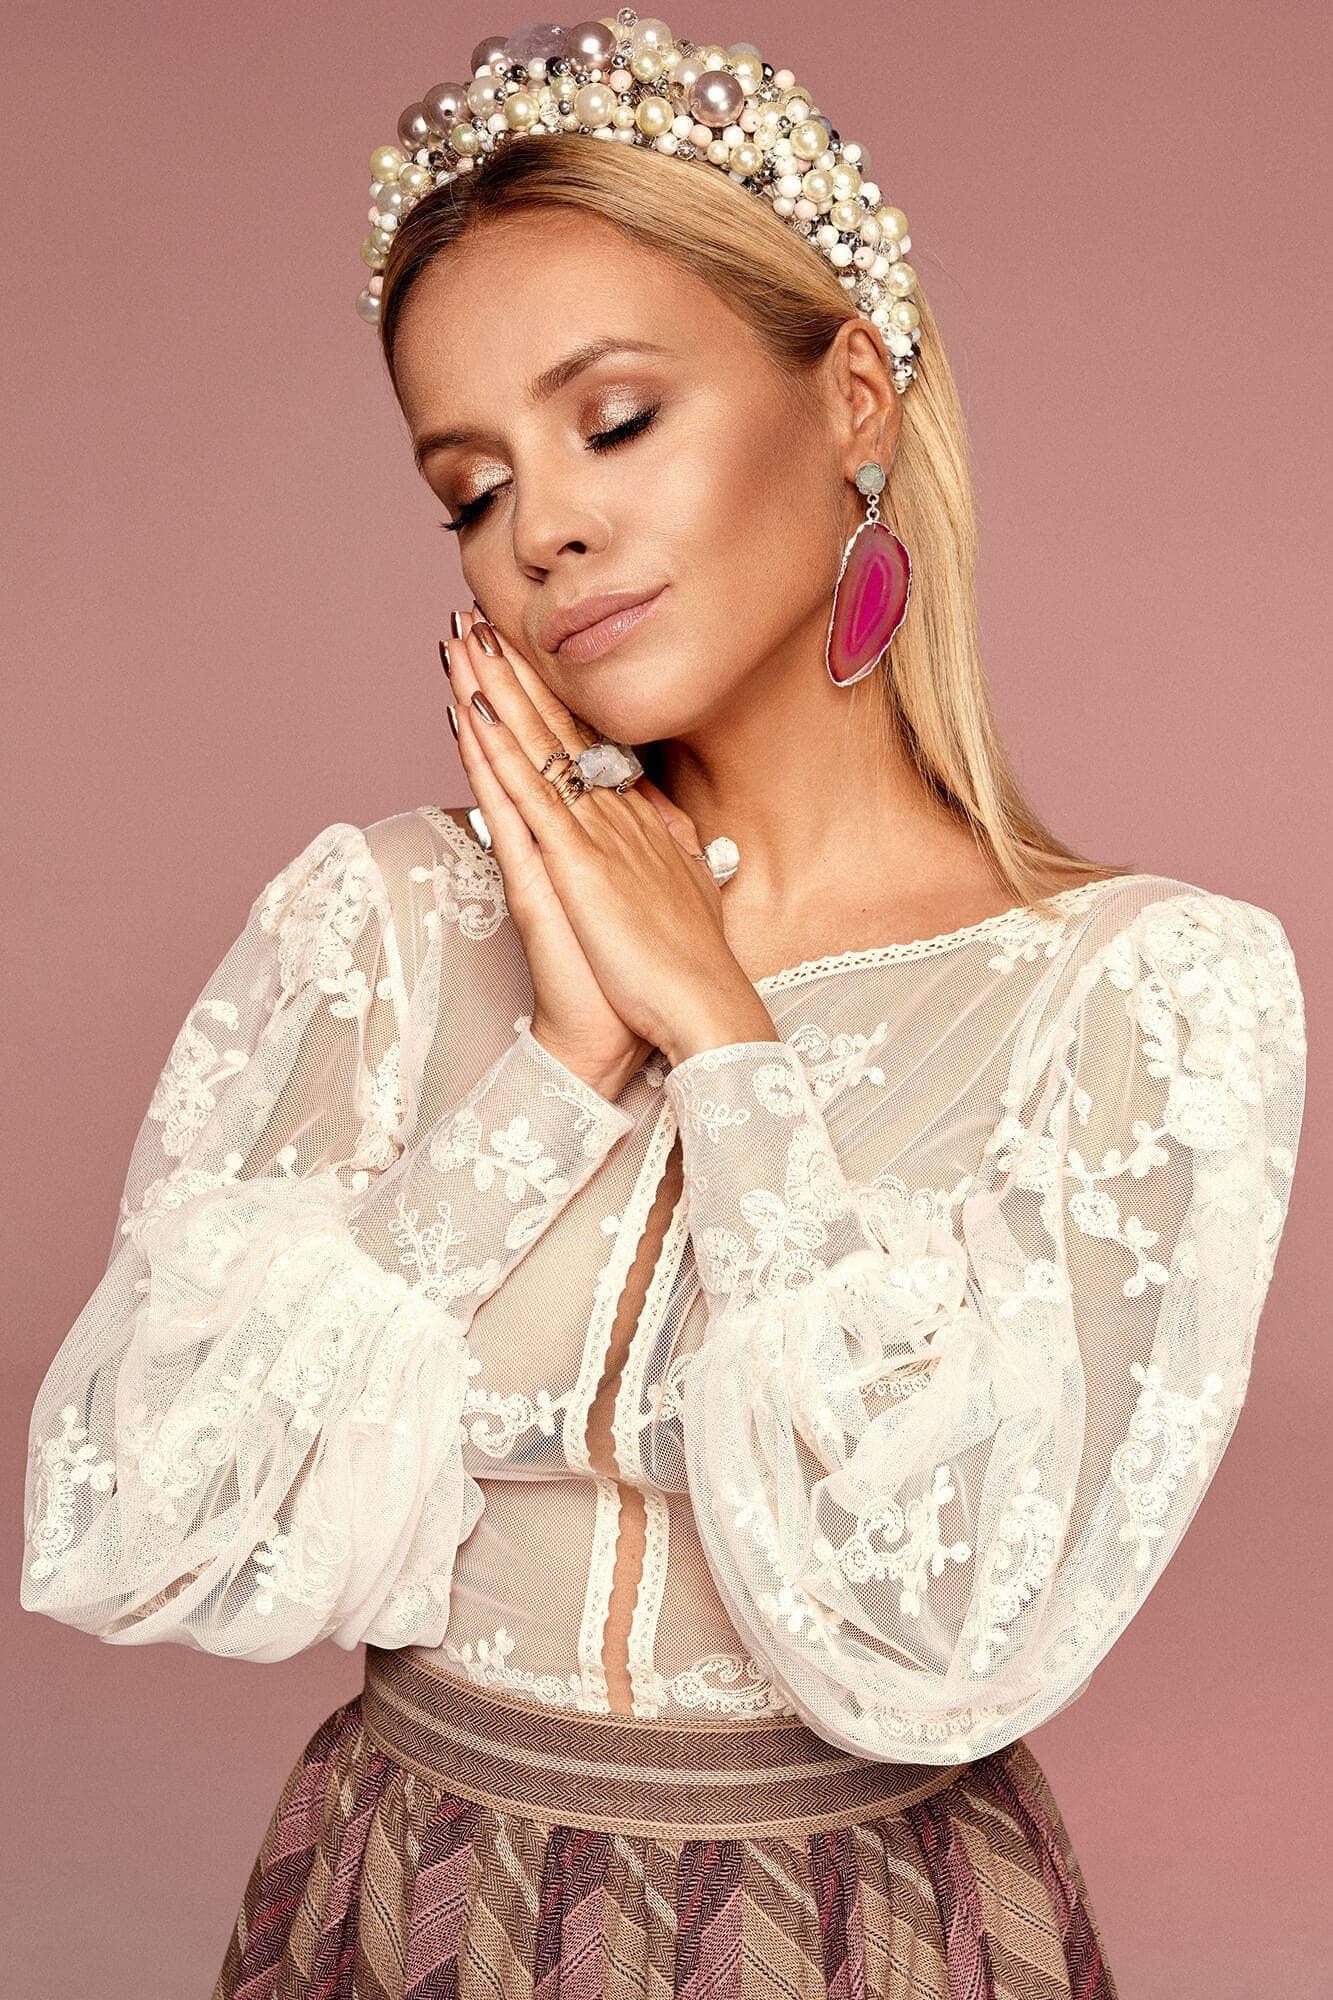 Koronkowa bluzka z bufiastymi rękawami no. 1 Haute Couture collection Haute Couture 1